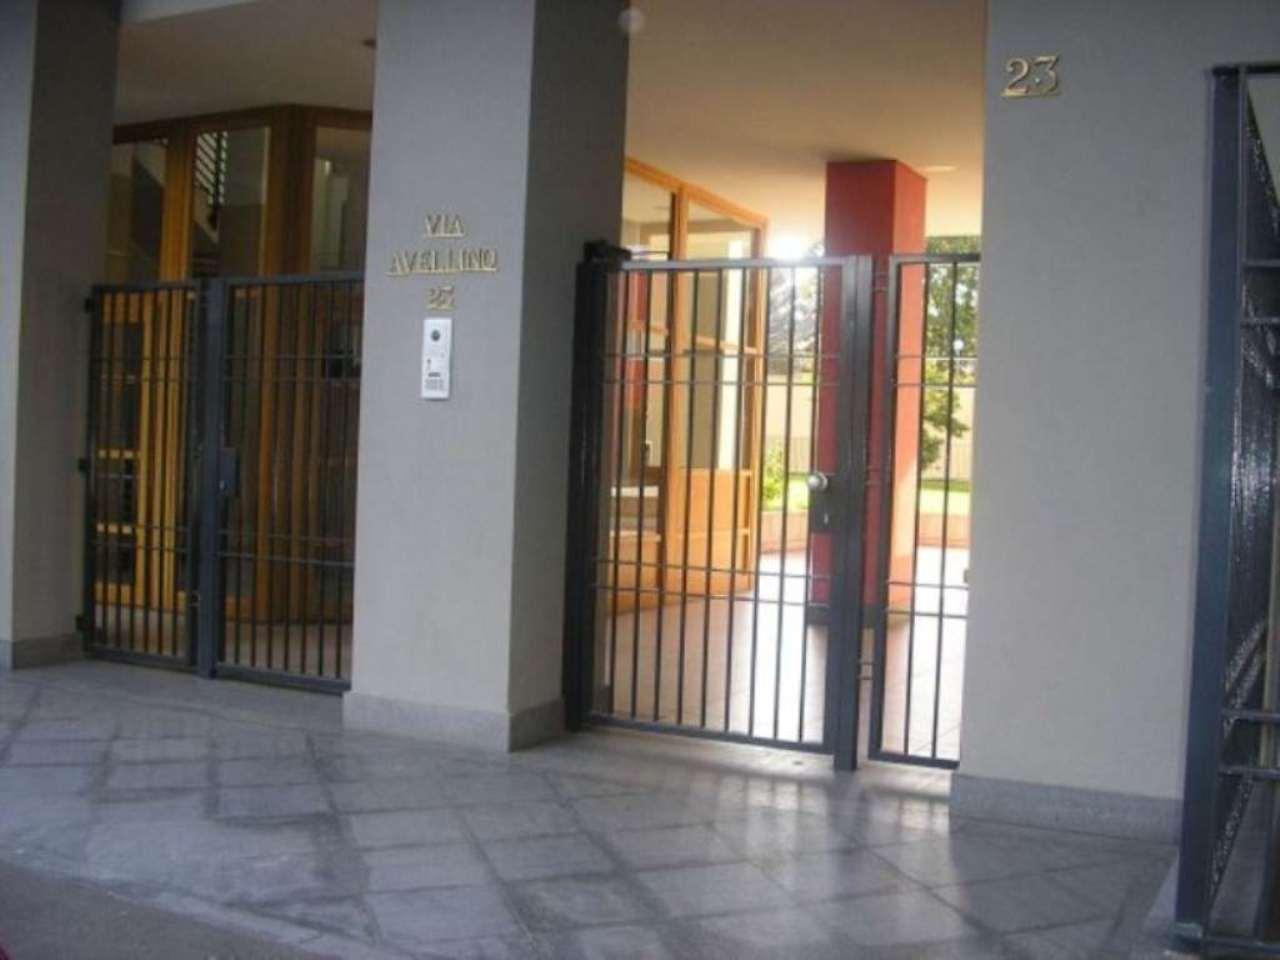 Bilocale Torino Via Avellino 8